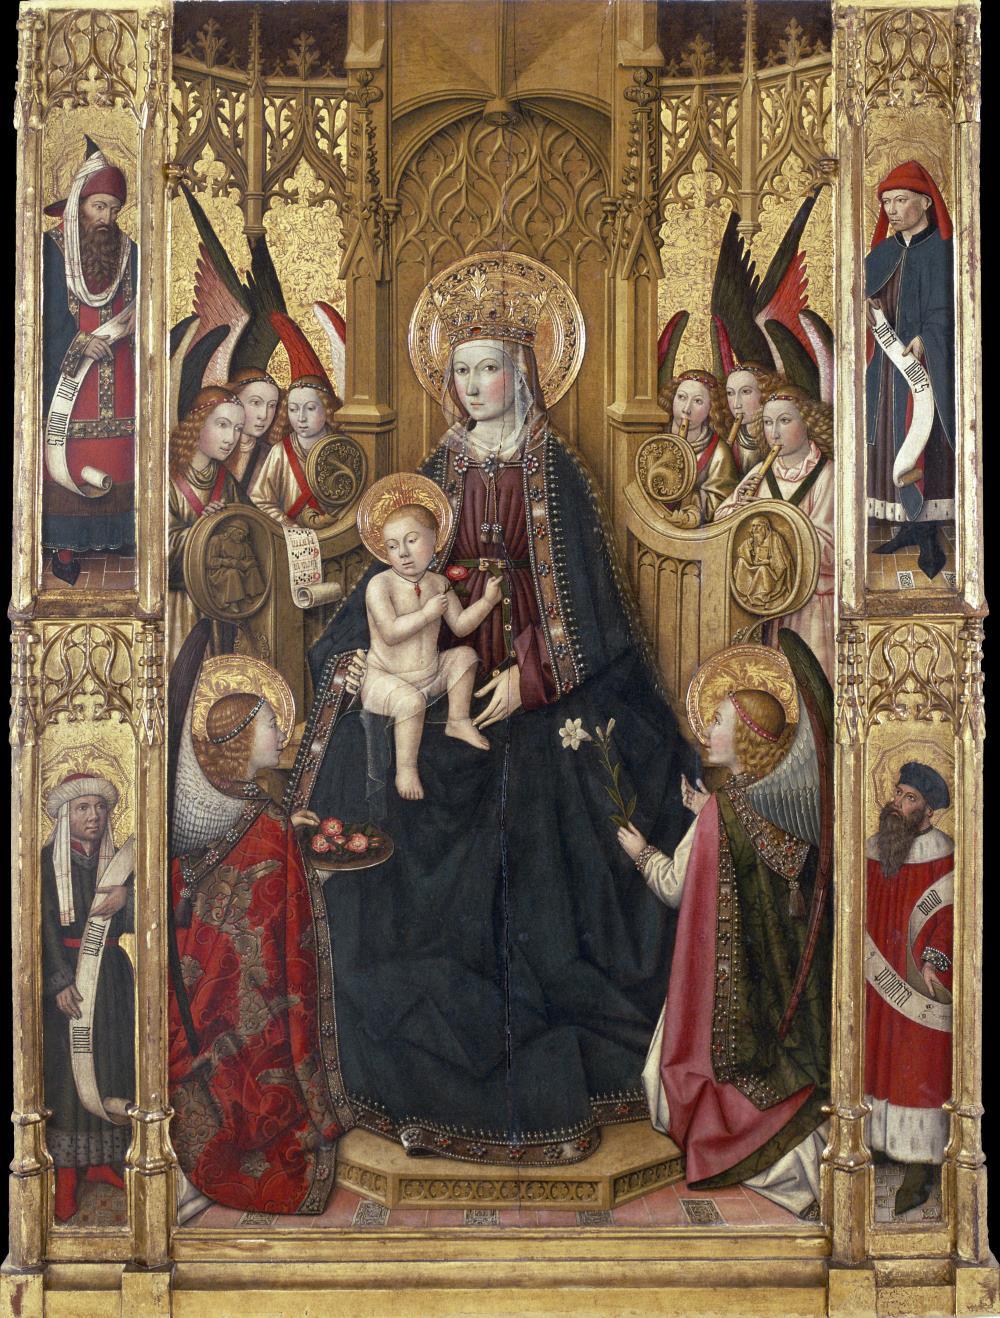 Jaume Huguet, Verge, cap a 1450